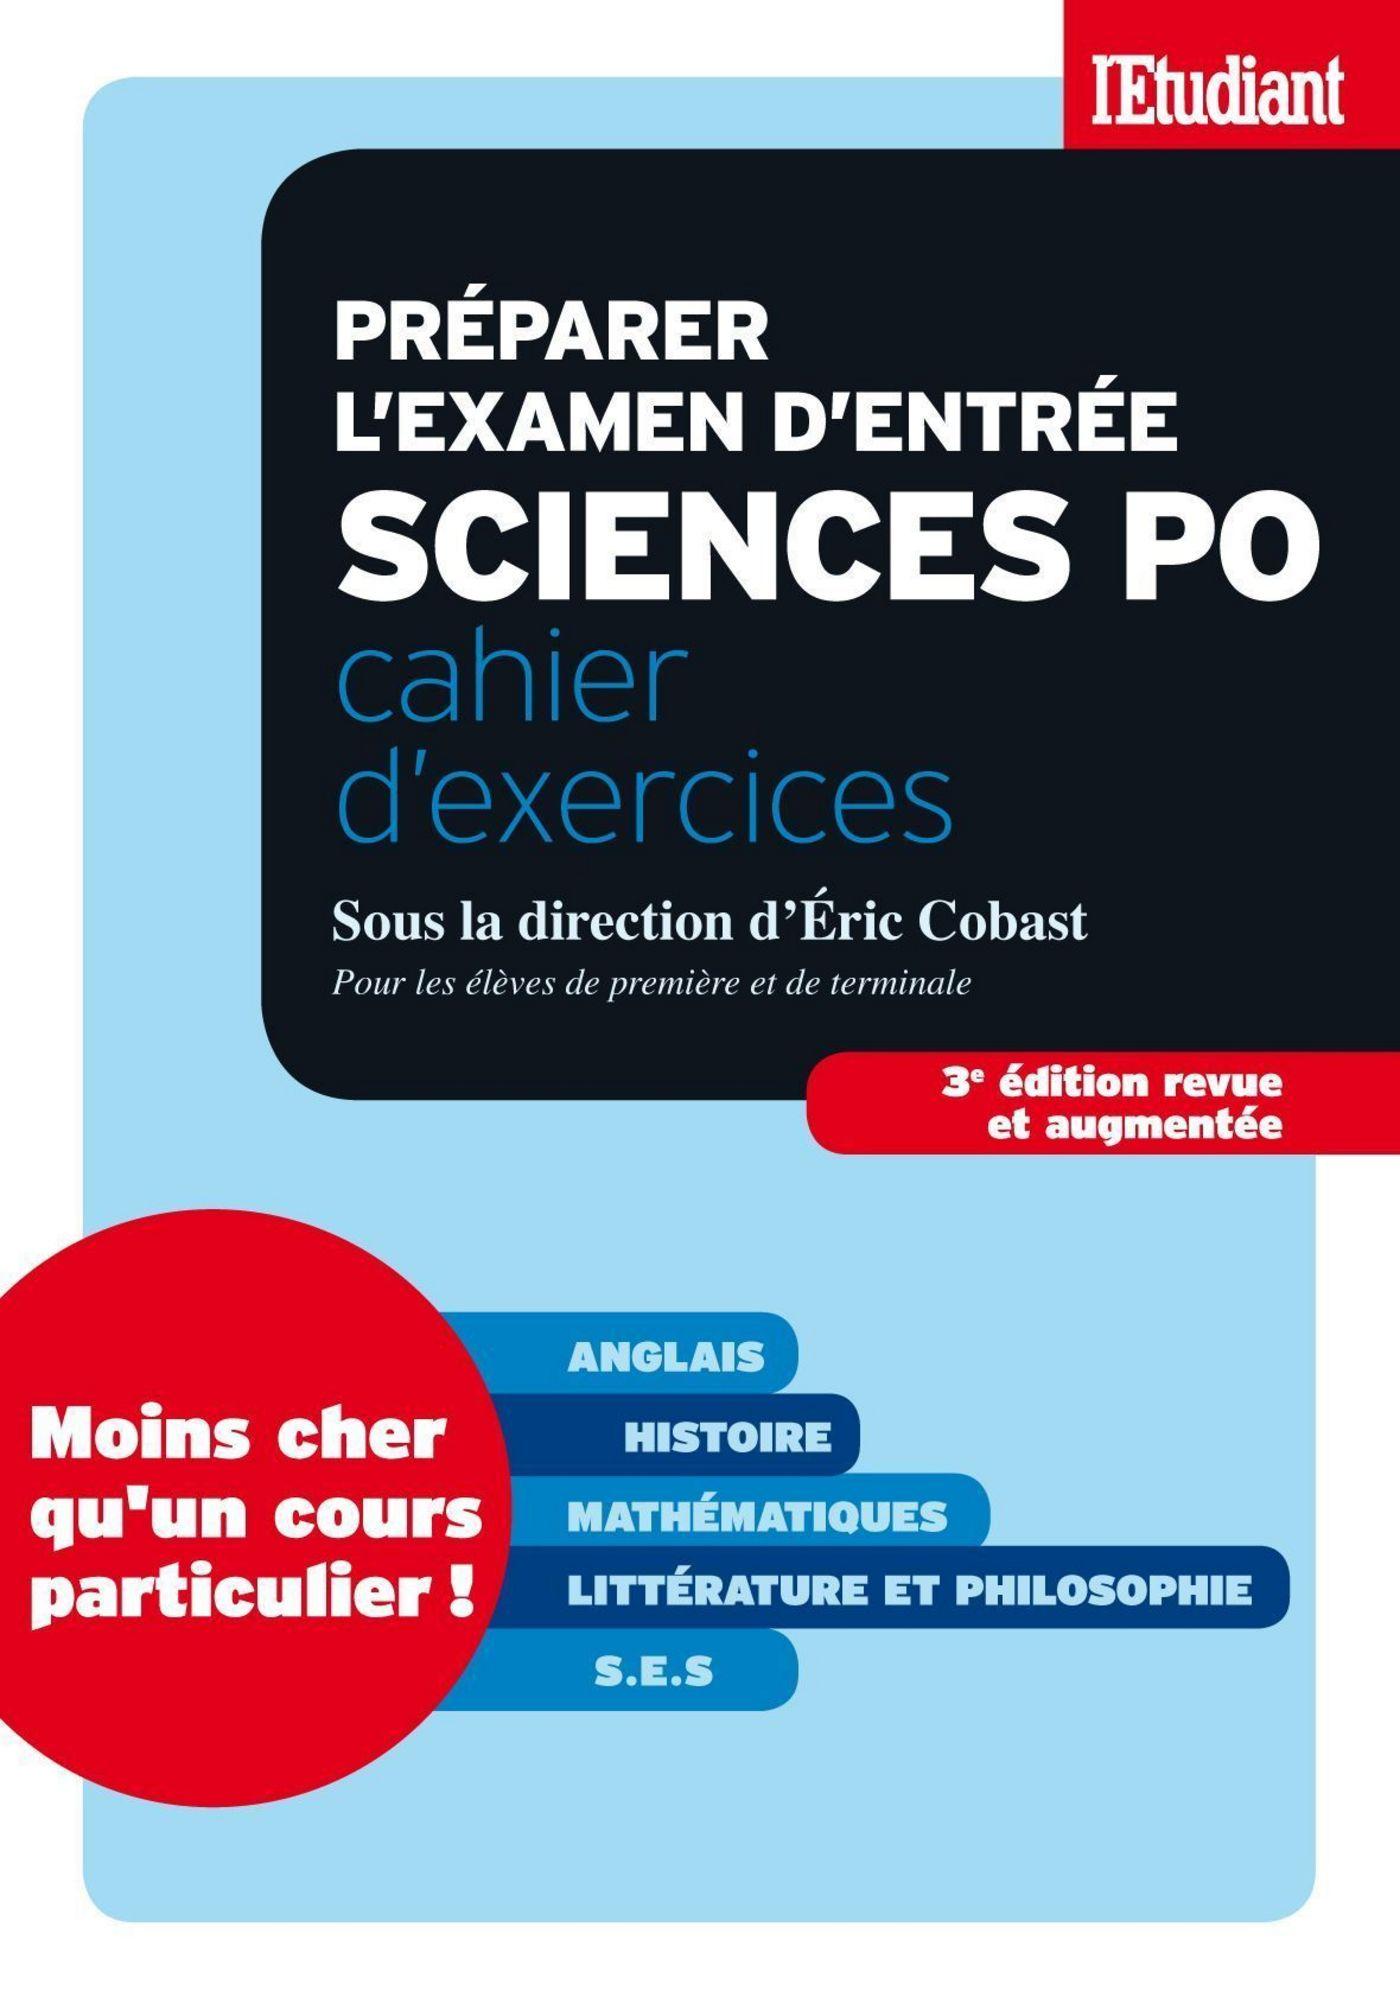 Préparer l'examen d'entrée sciences po - Cahier d'exercices - 3ed revue et augmentée (ebook)